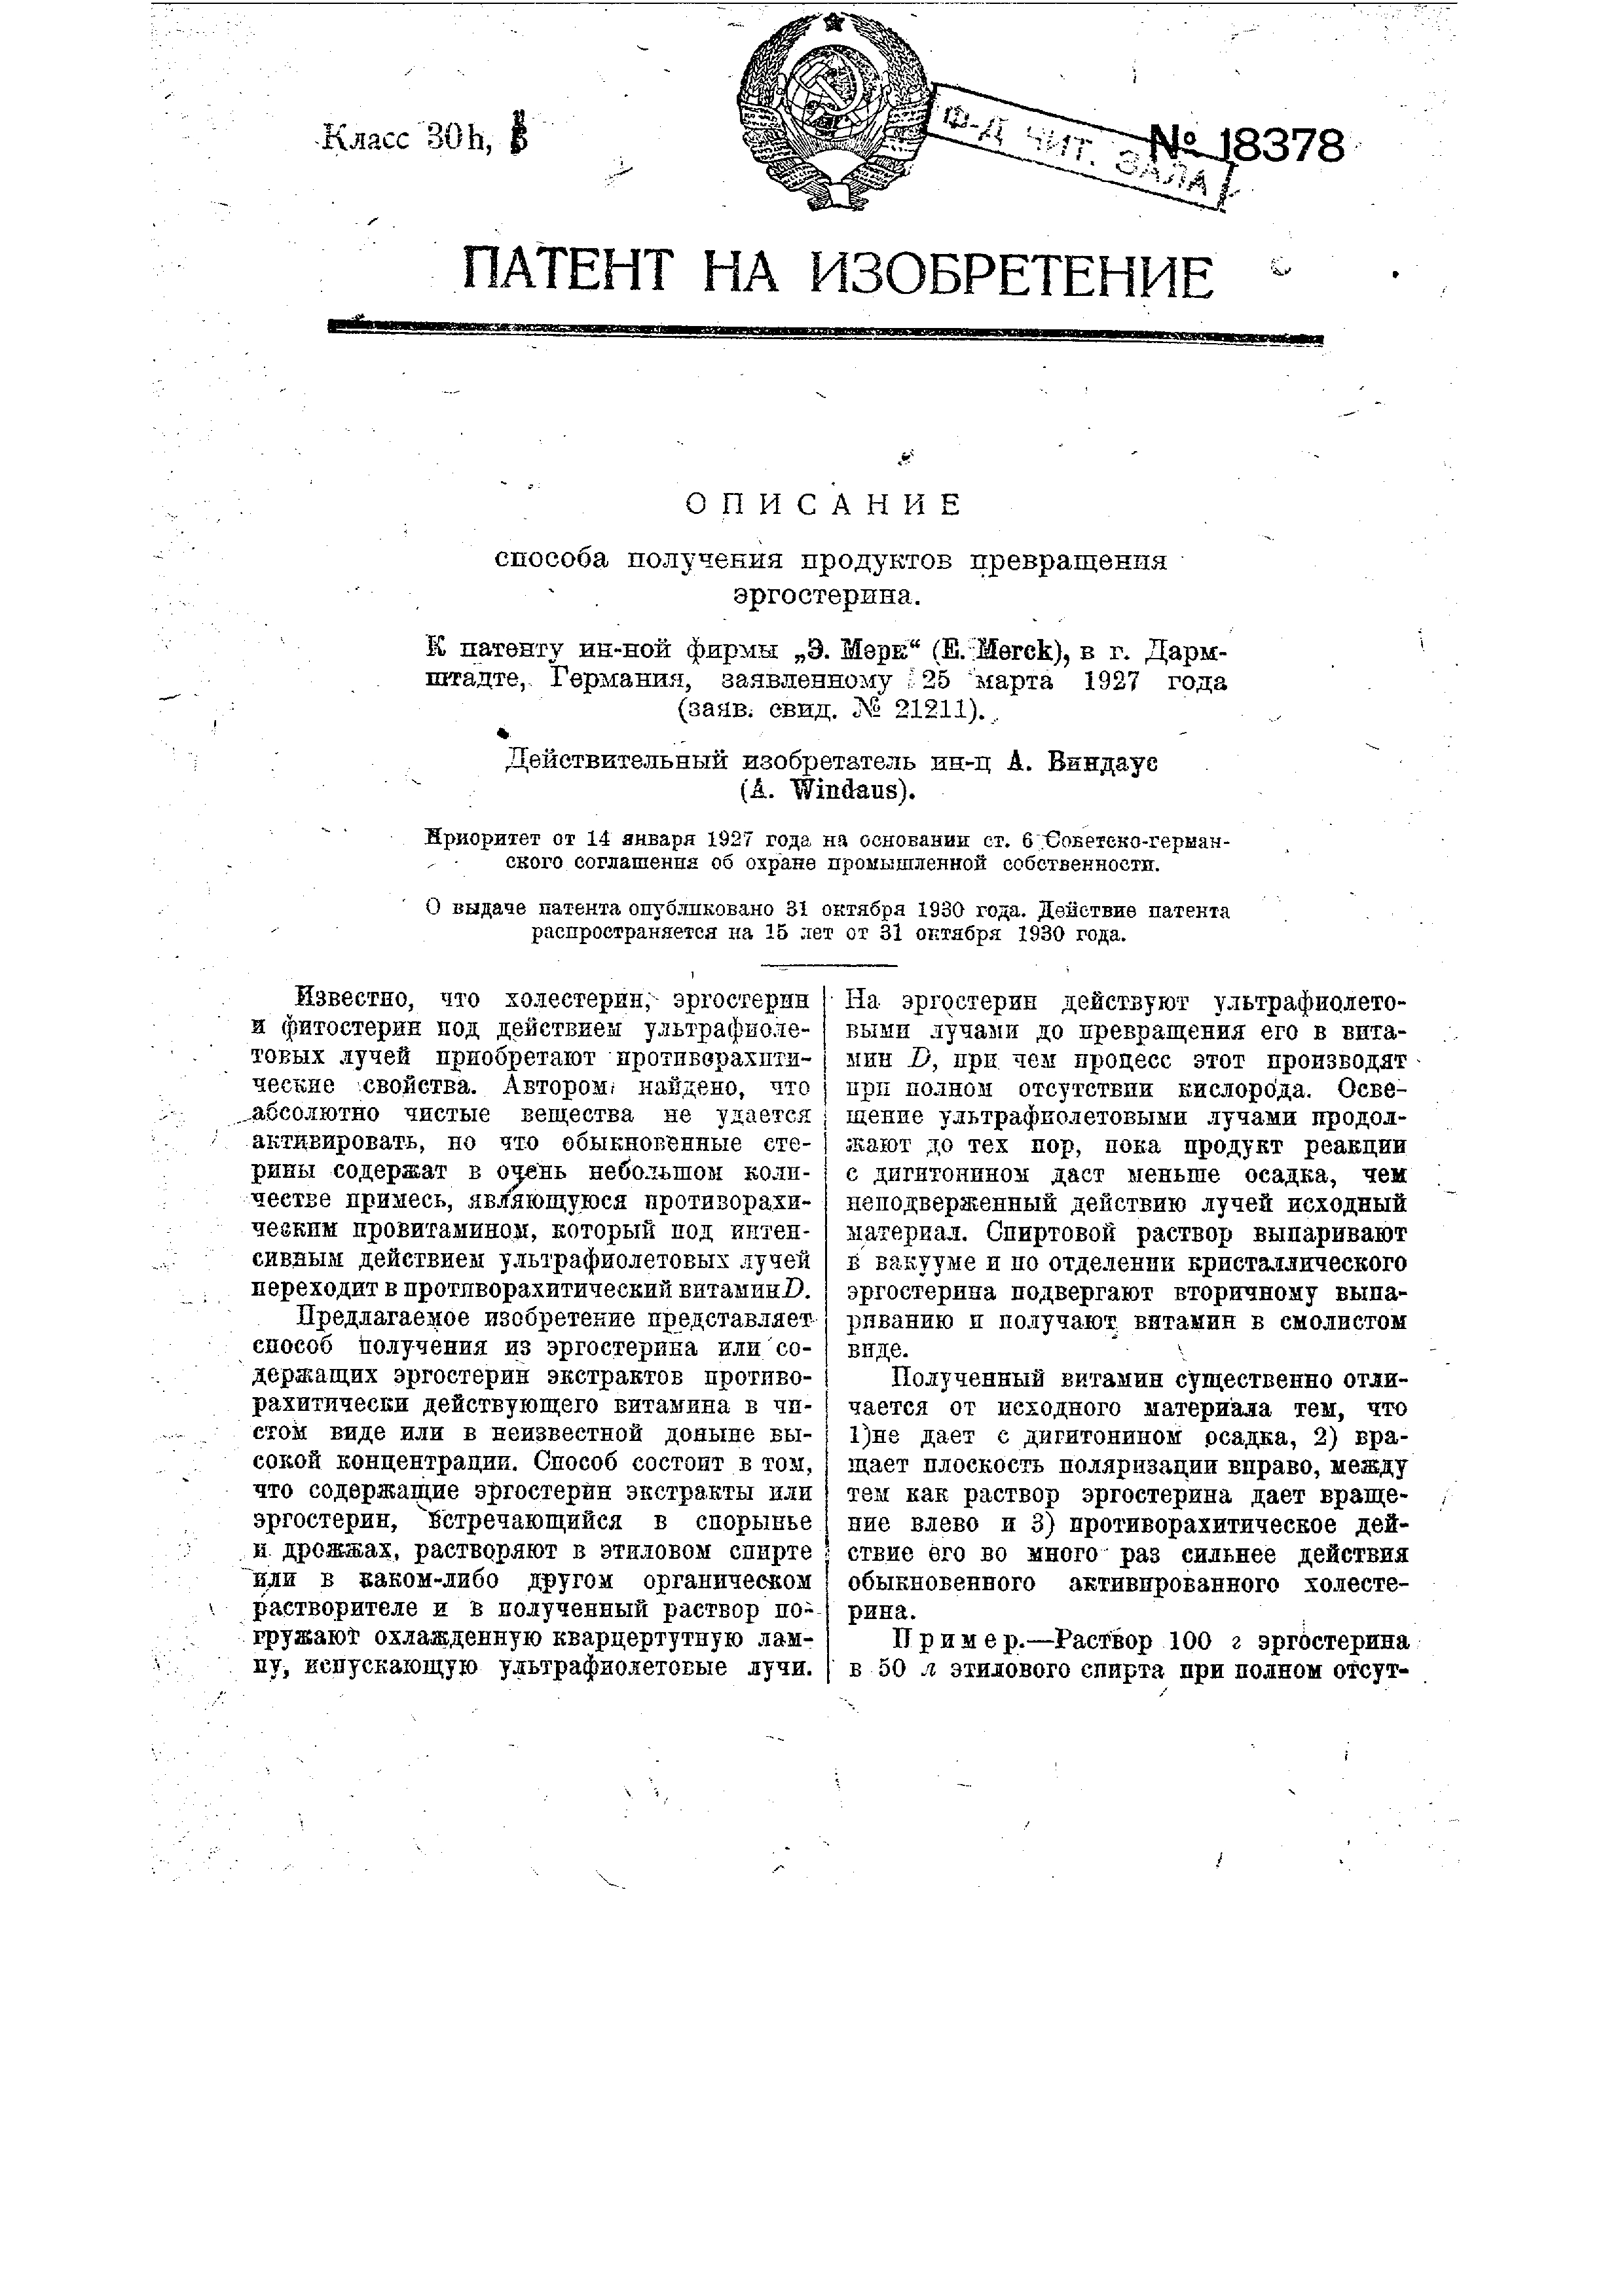 Эргостерин фото